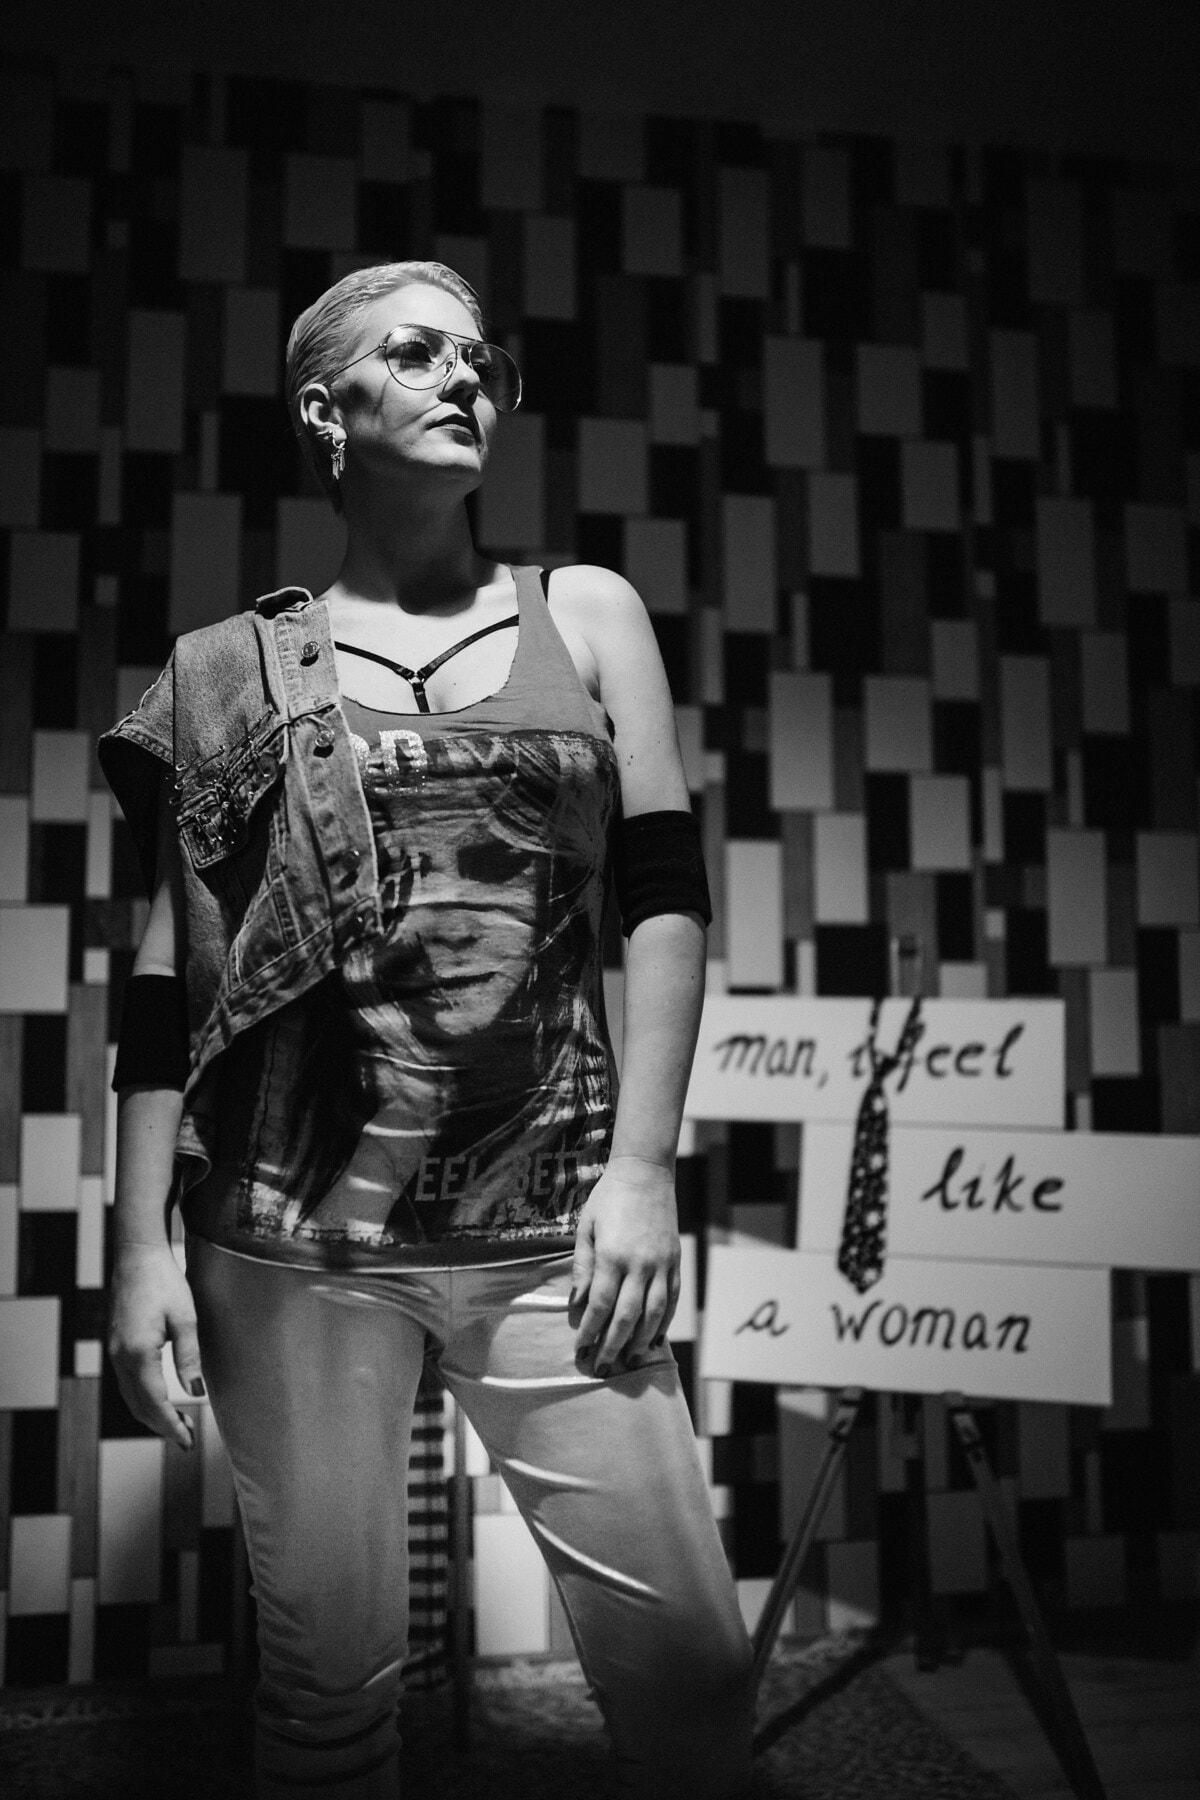 zuversichtlich, Frau, stehende, Fotostudio, posiert, Design, Designer, Geschäftsfrau, Mode, Porträt